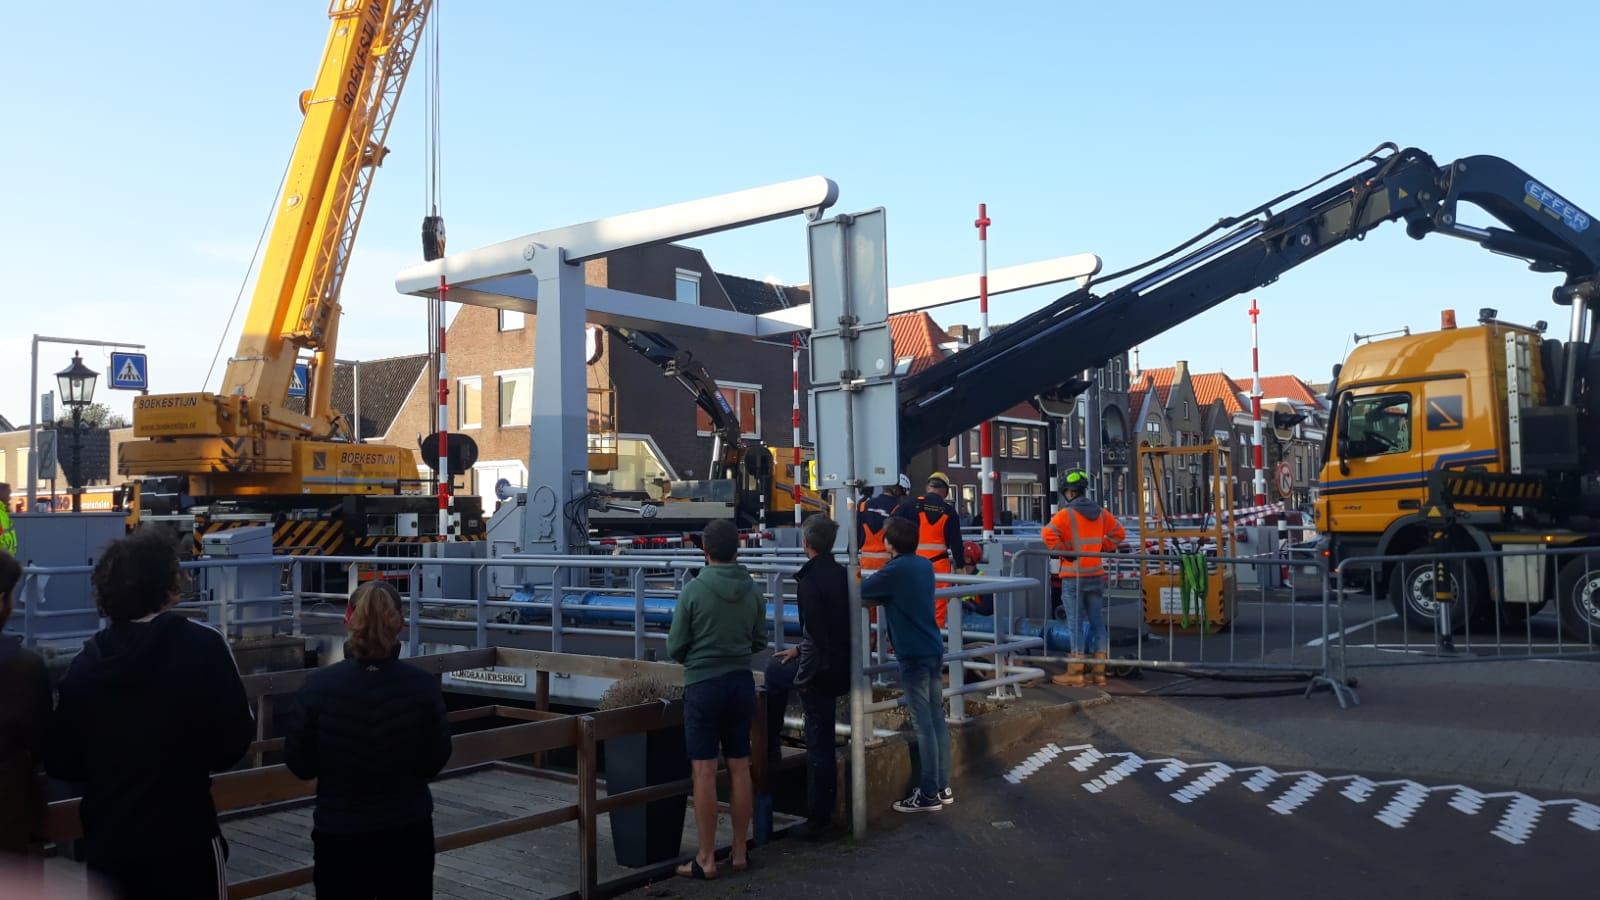 Onderhoud aan Lijndraaiersbrug op 1 juli